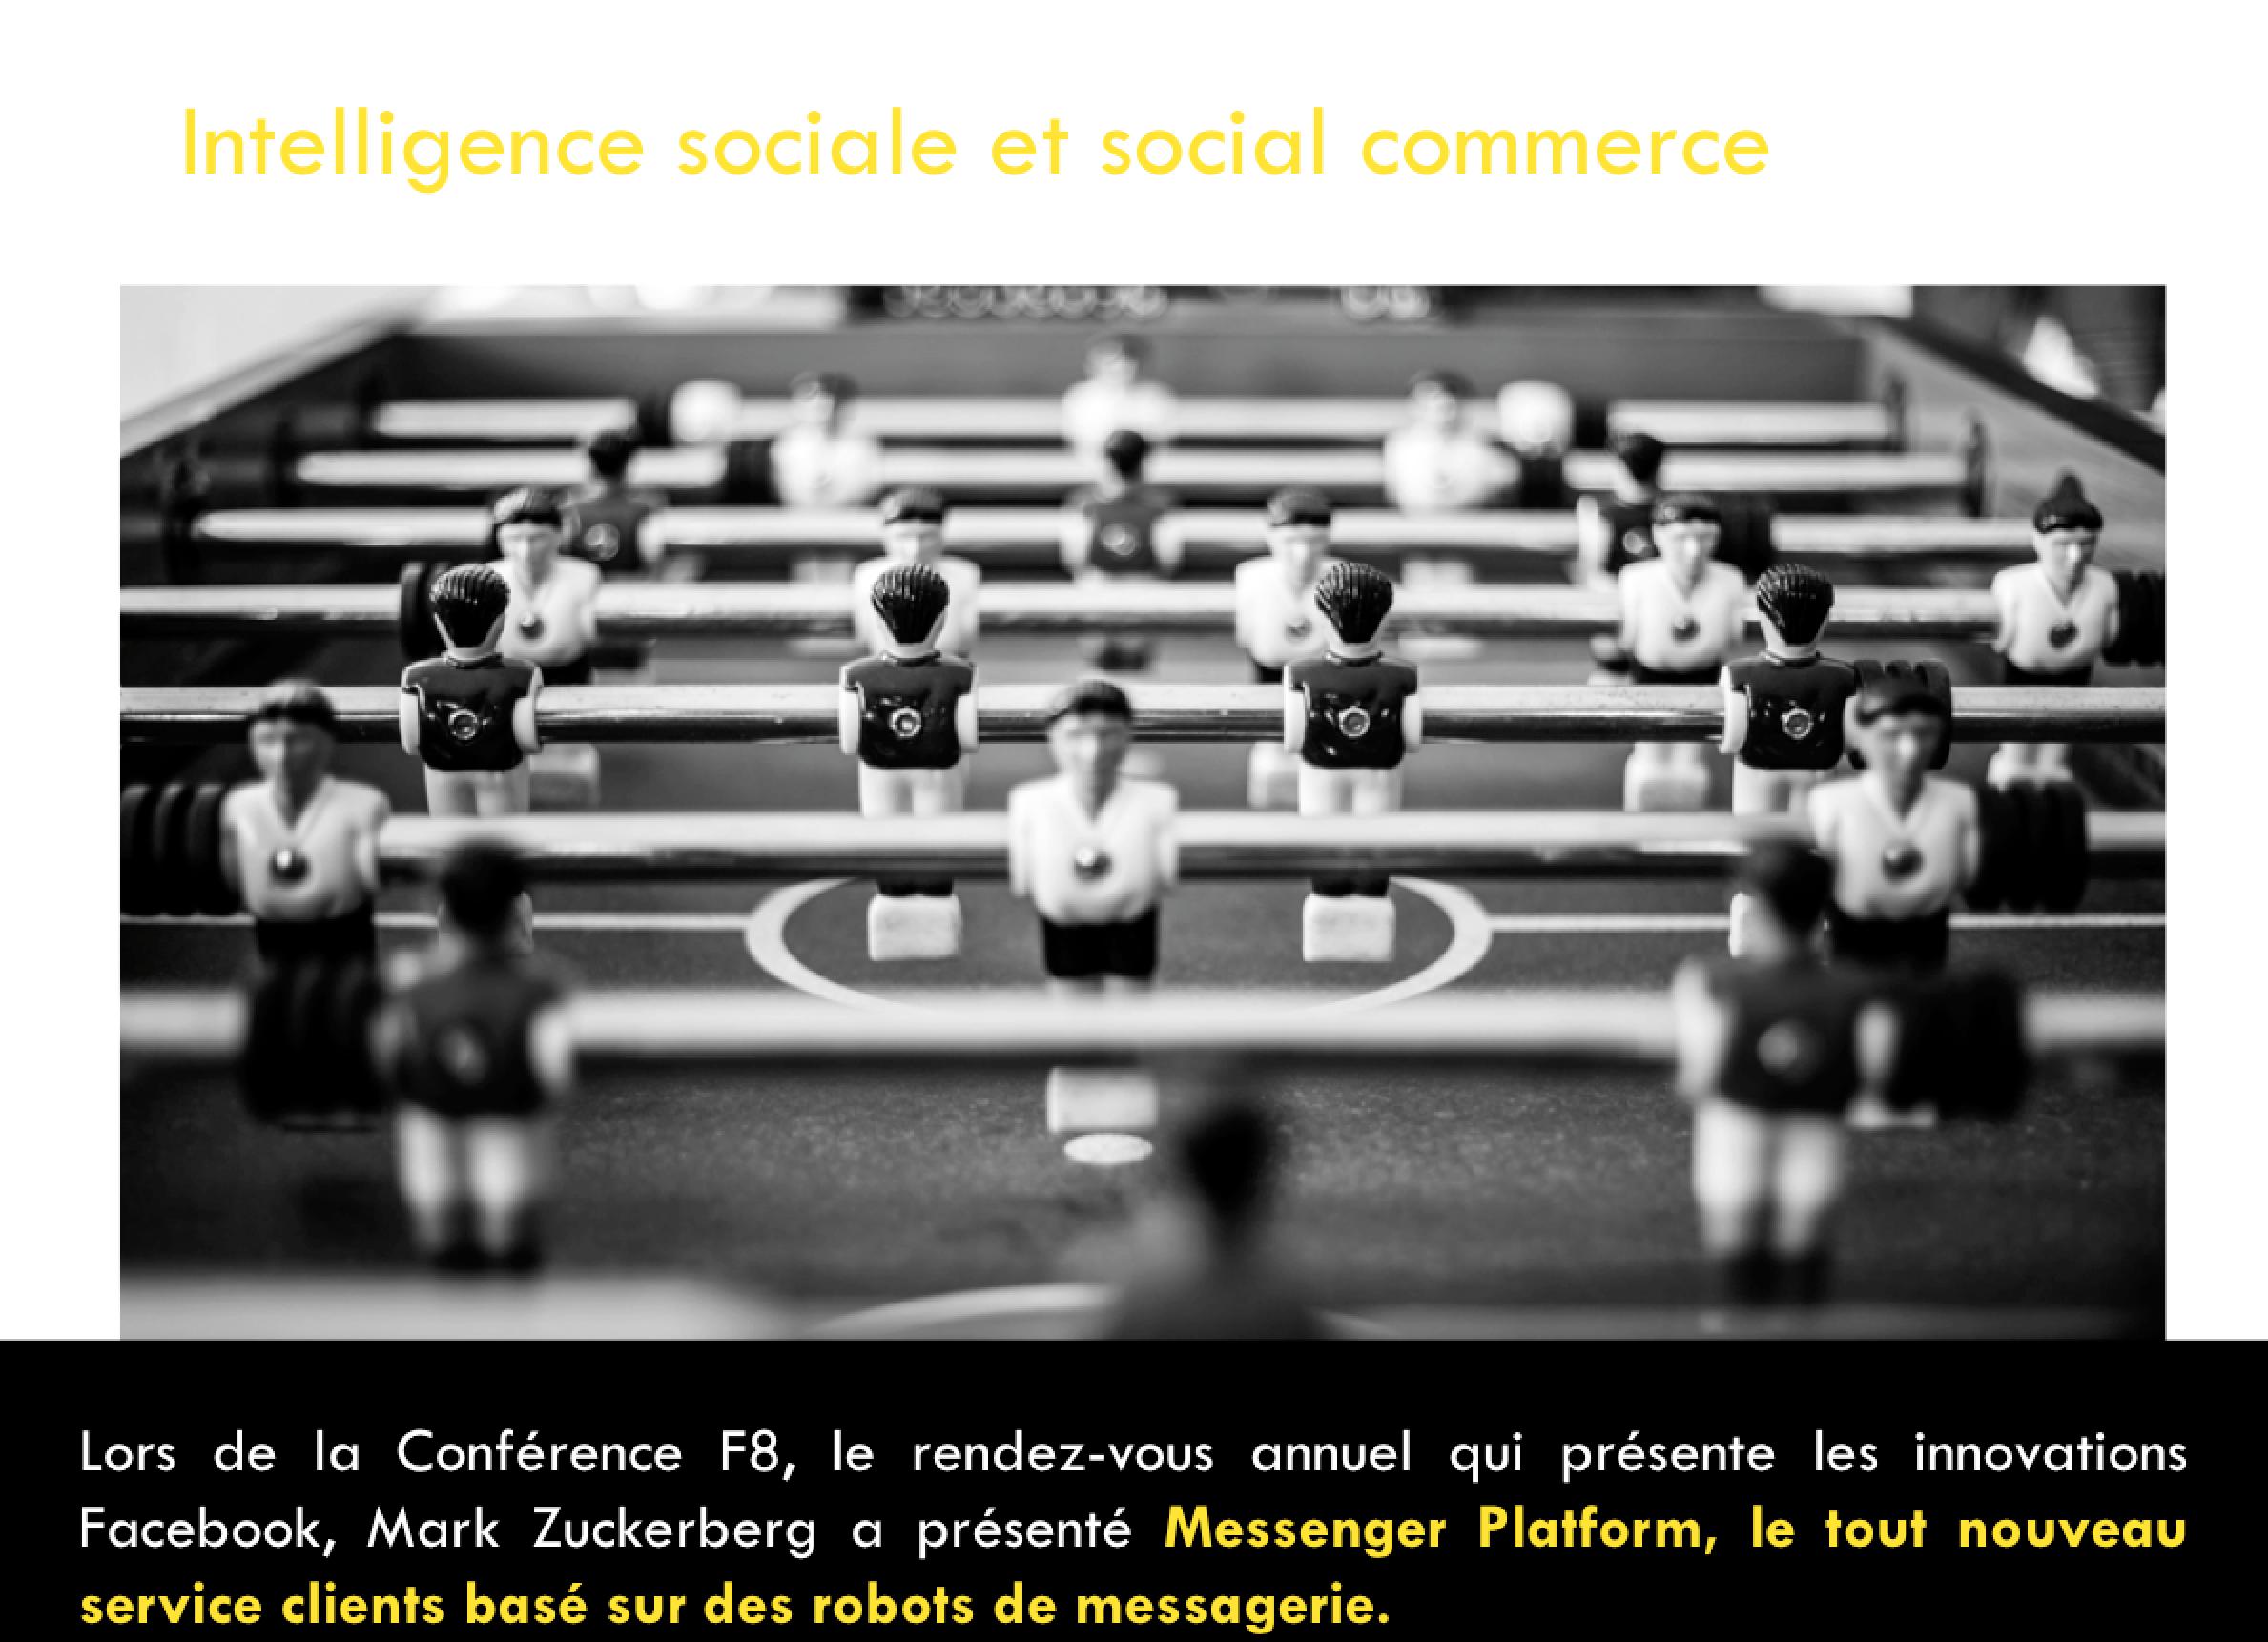 Intelligence sociale